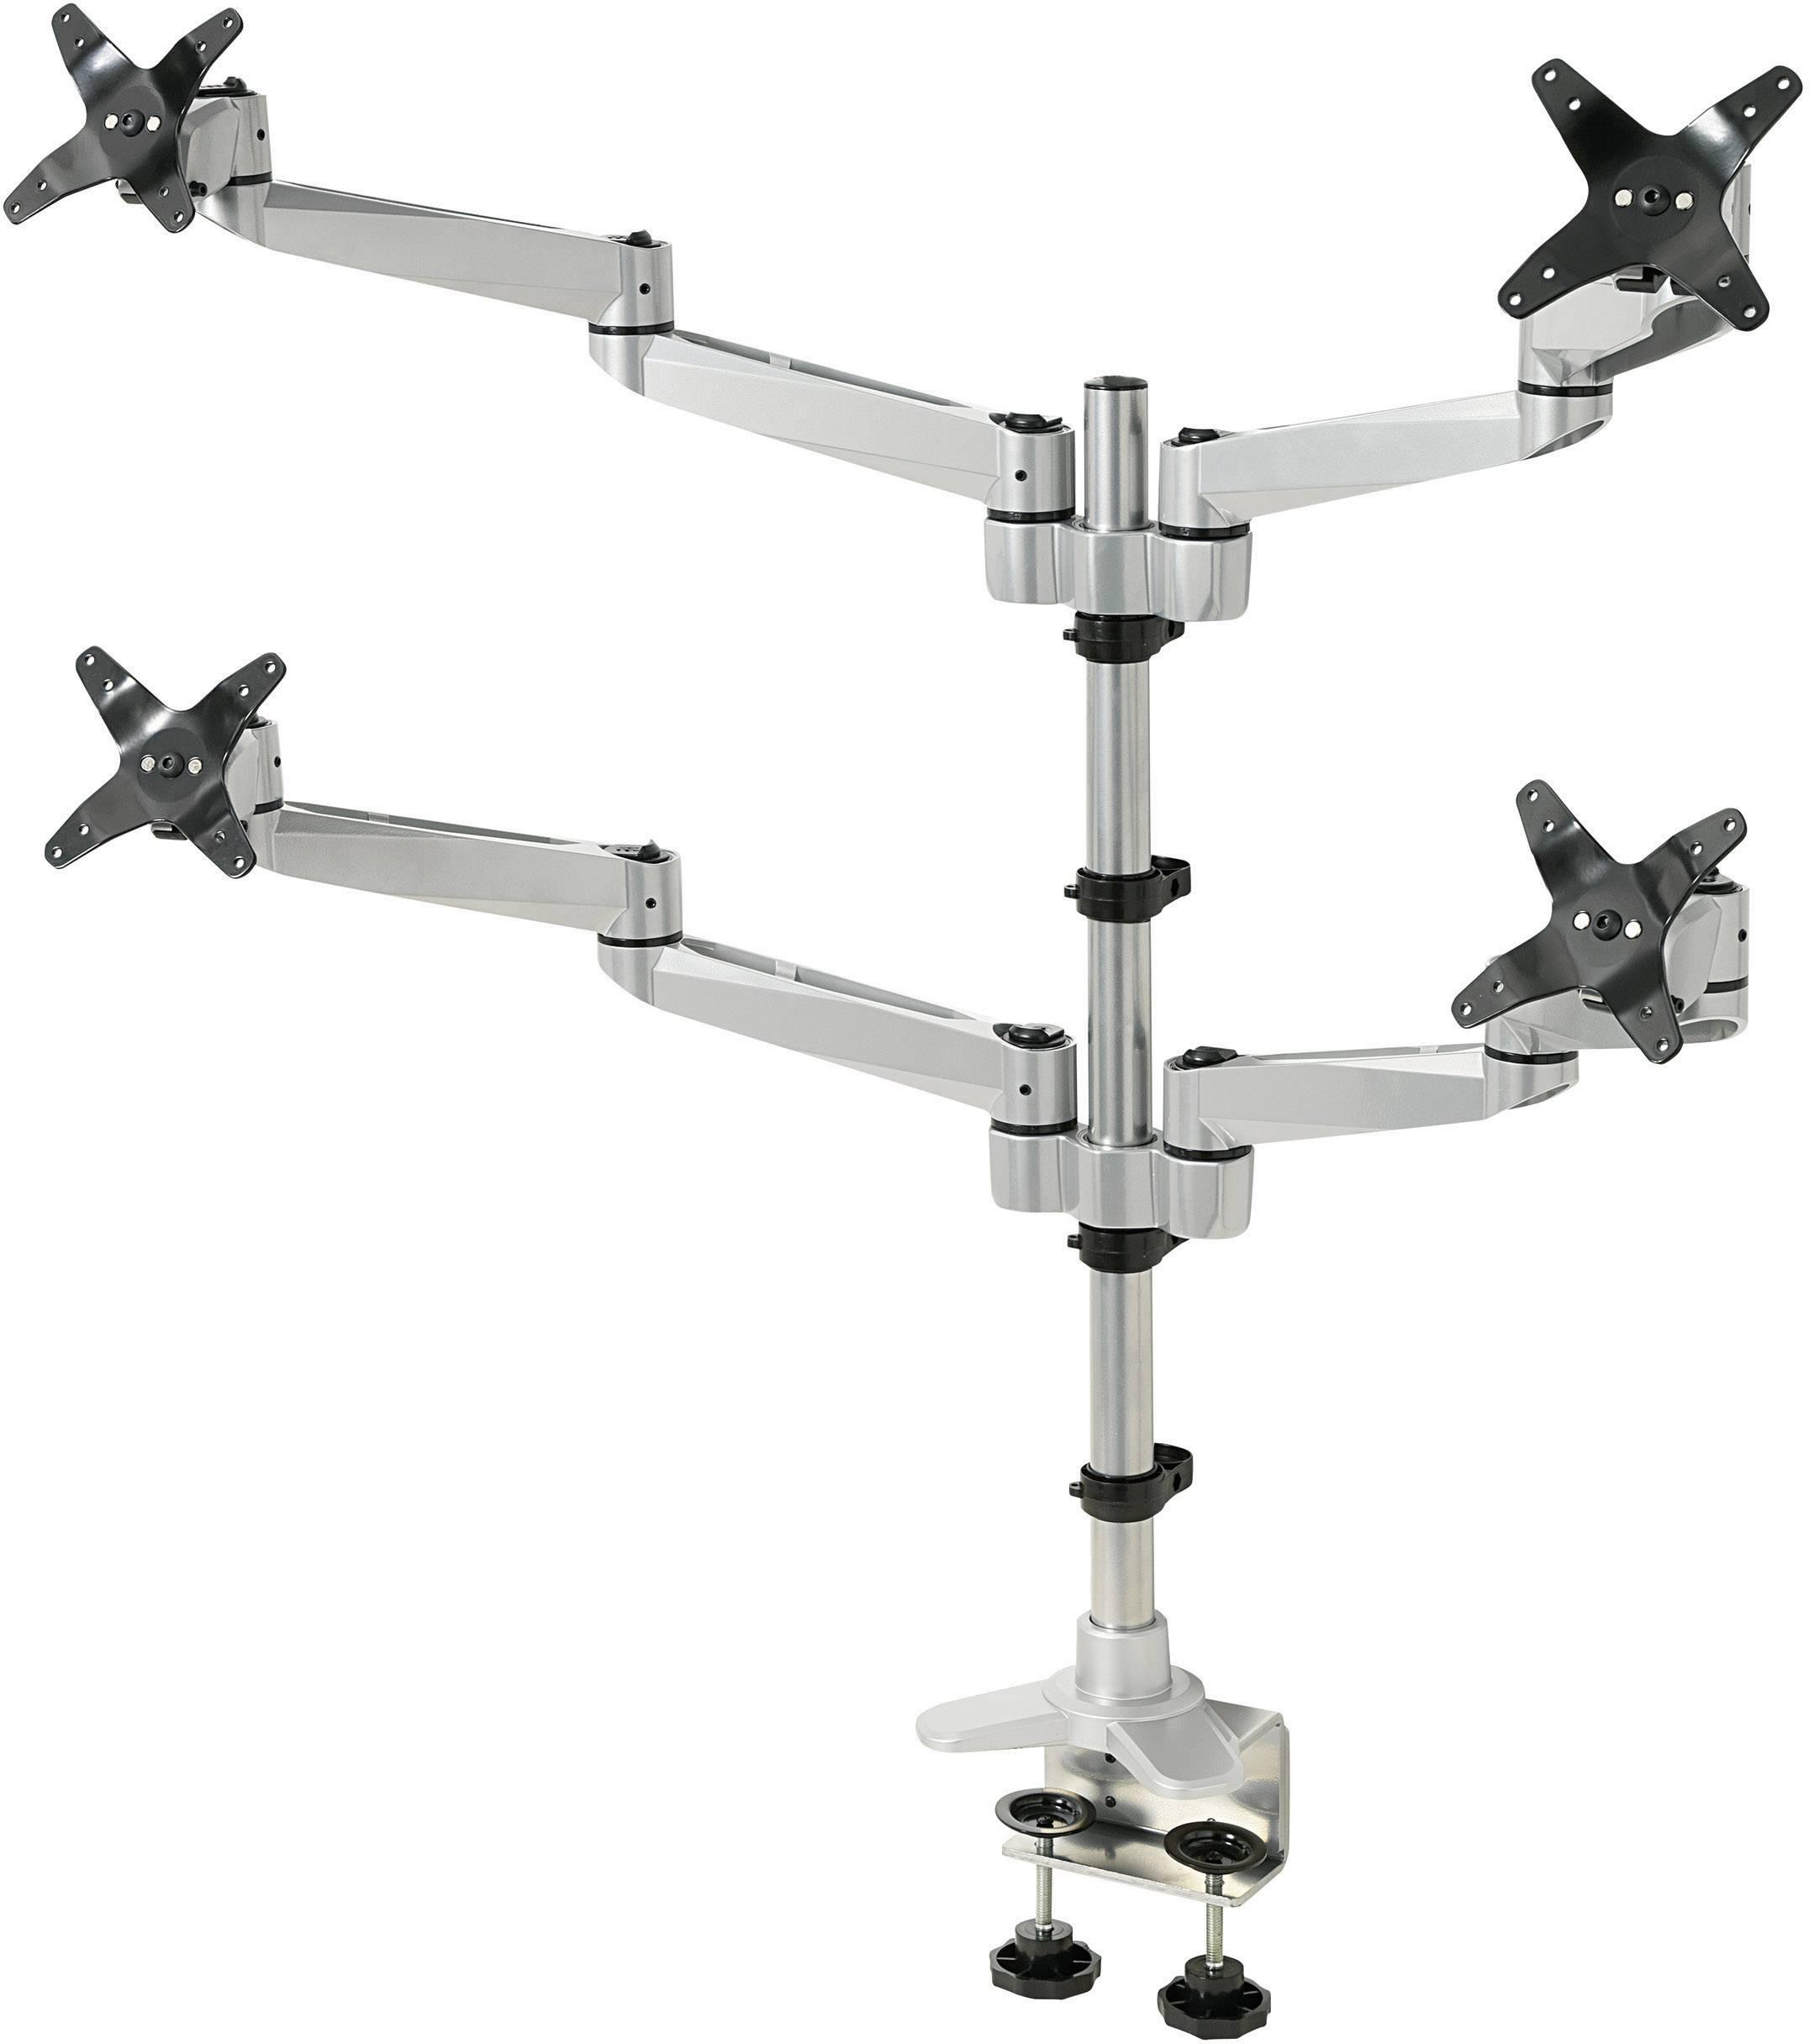 """Stolový držiak monitoru SpeaKa Professional SP-1624824, 25,4 cm (10"""") - 68,6 cm (27""""), striebornočierná"""